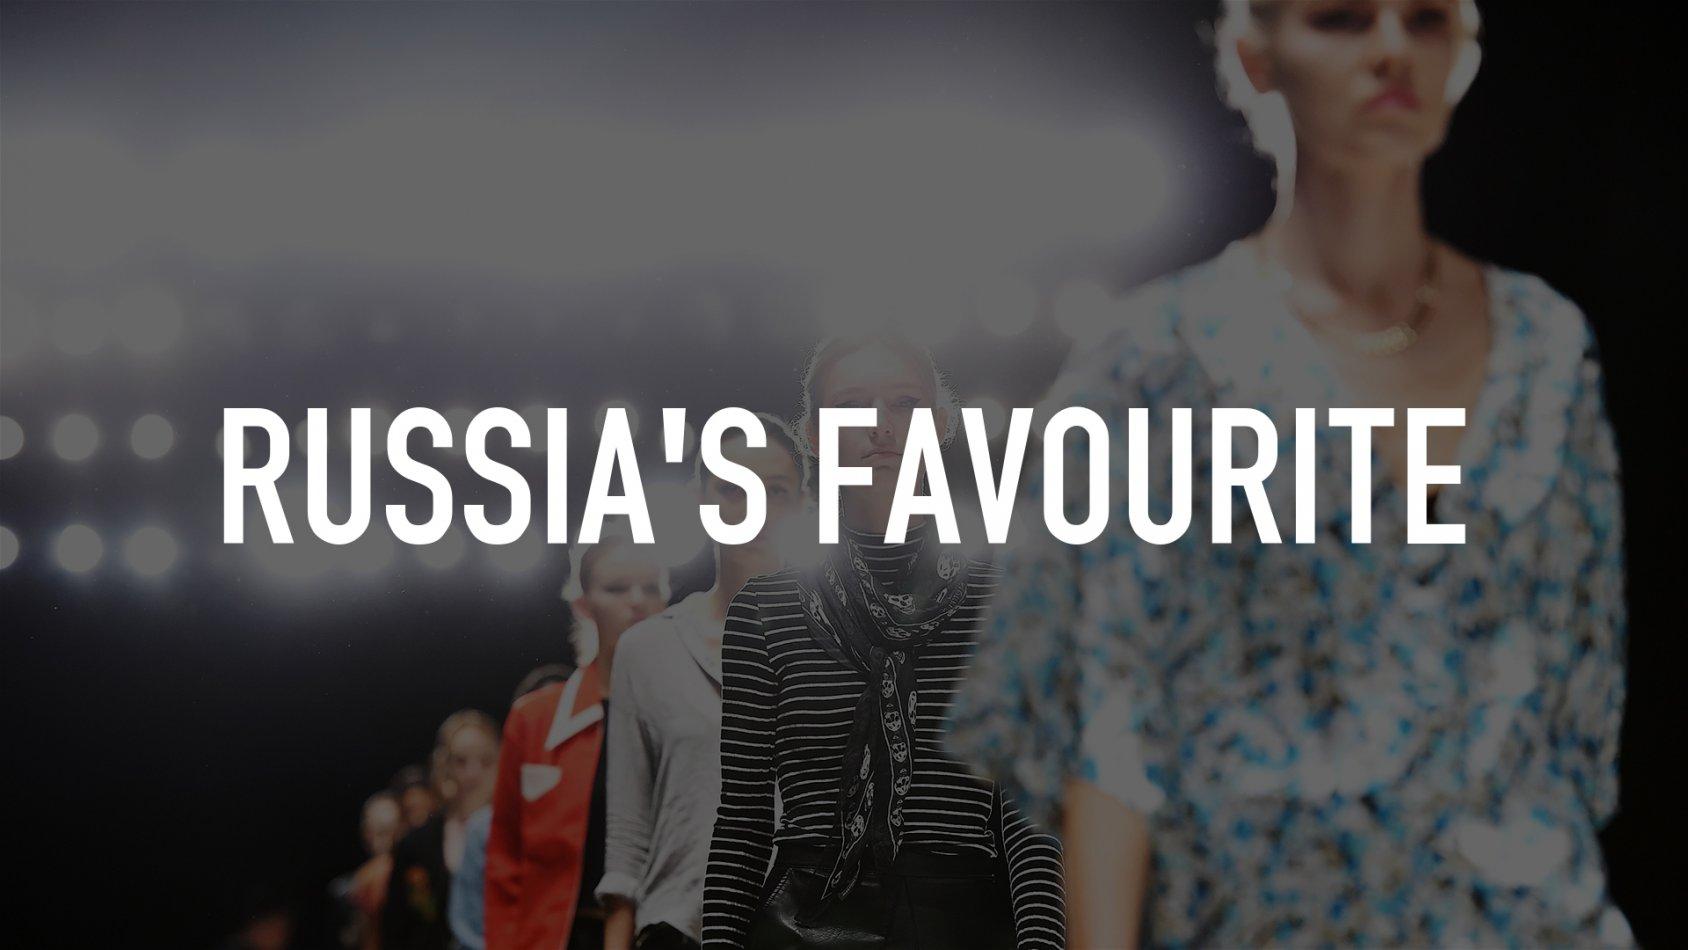 Russia's Favourite